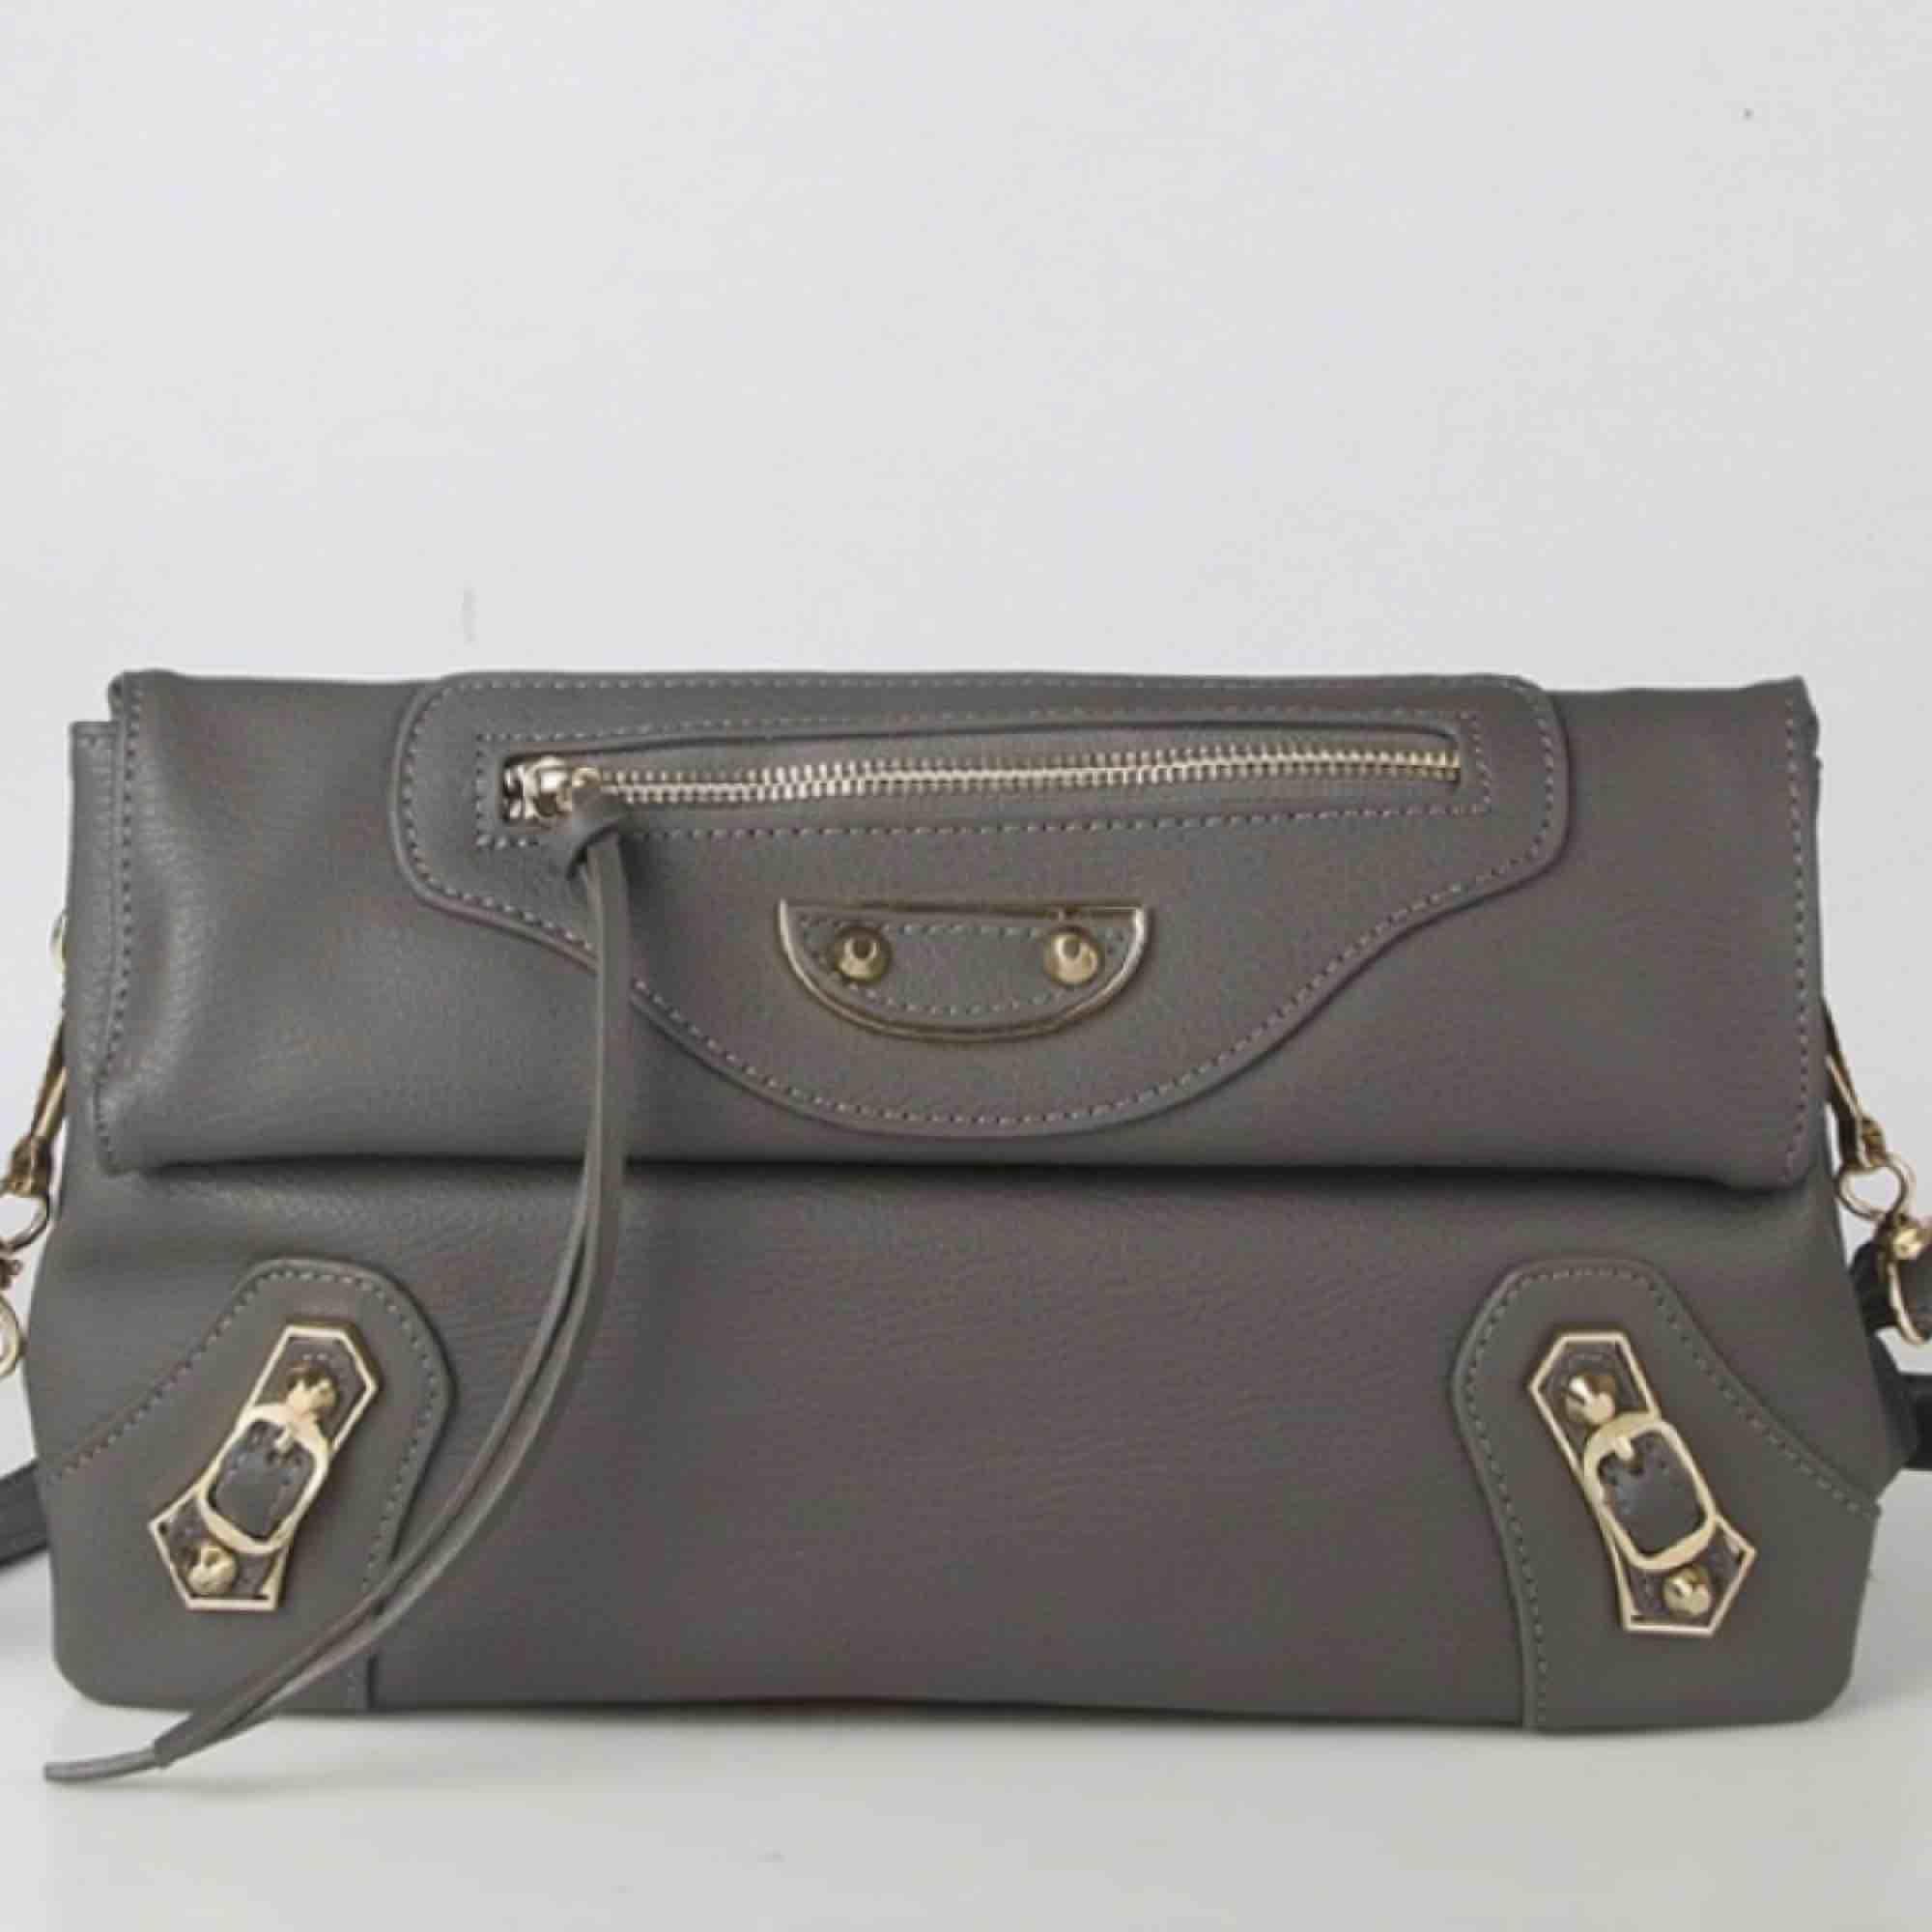 Balenciaga city liknande väska, aldrig använd!. Väskor.